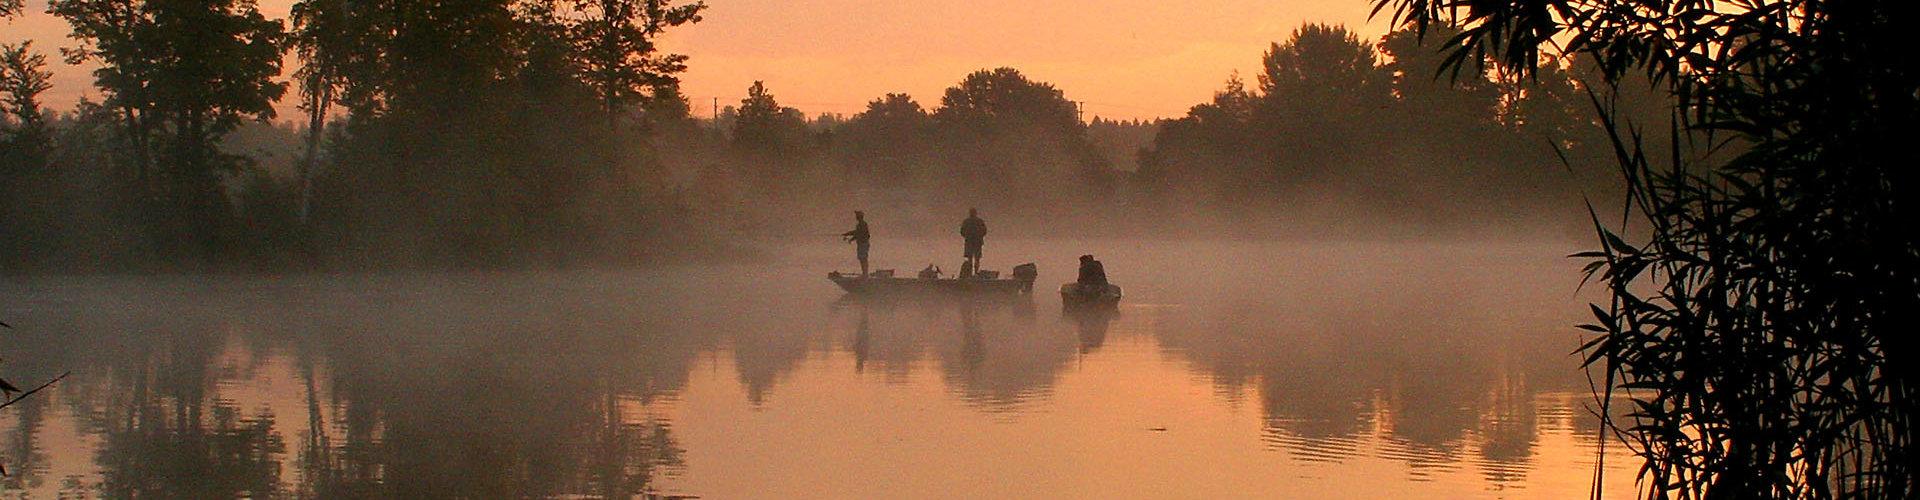 Pêche en lac